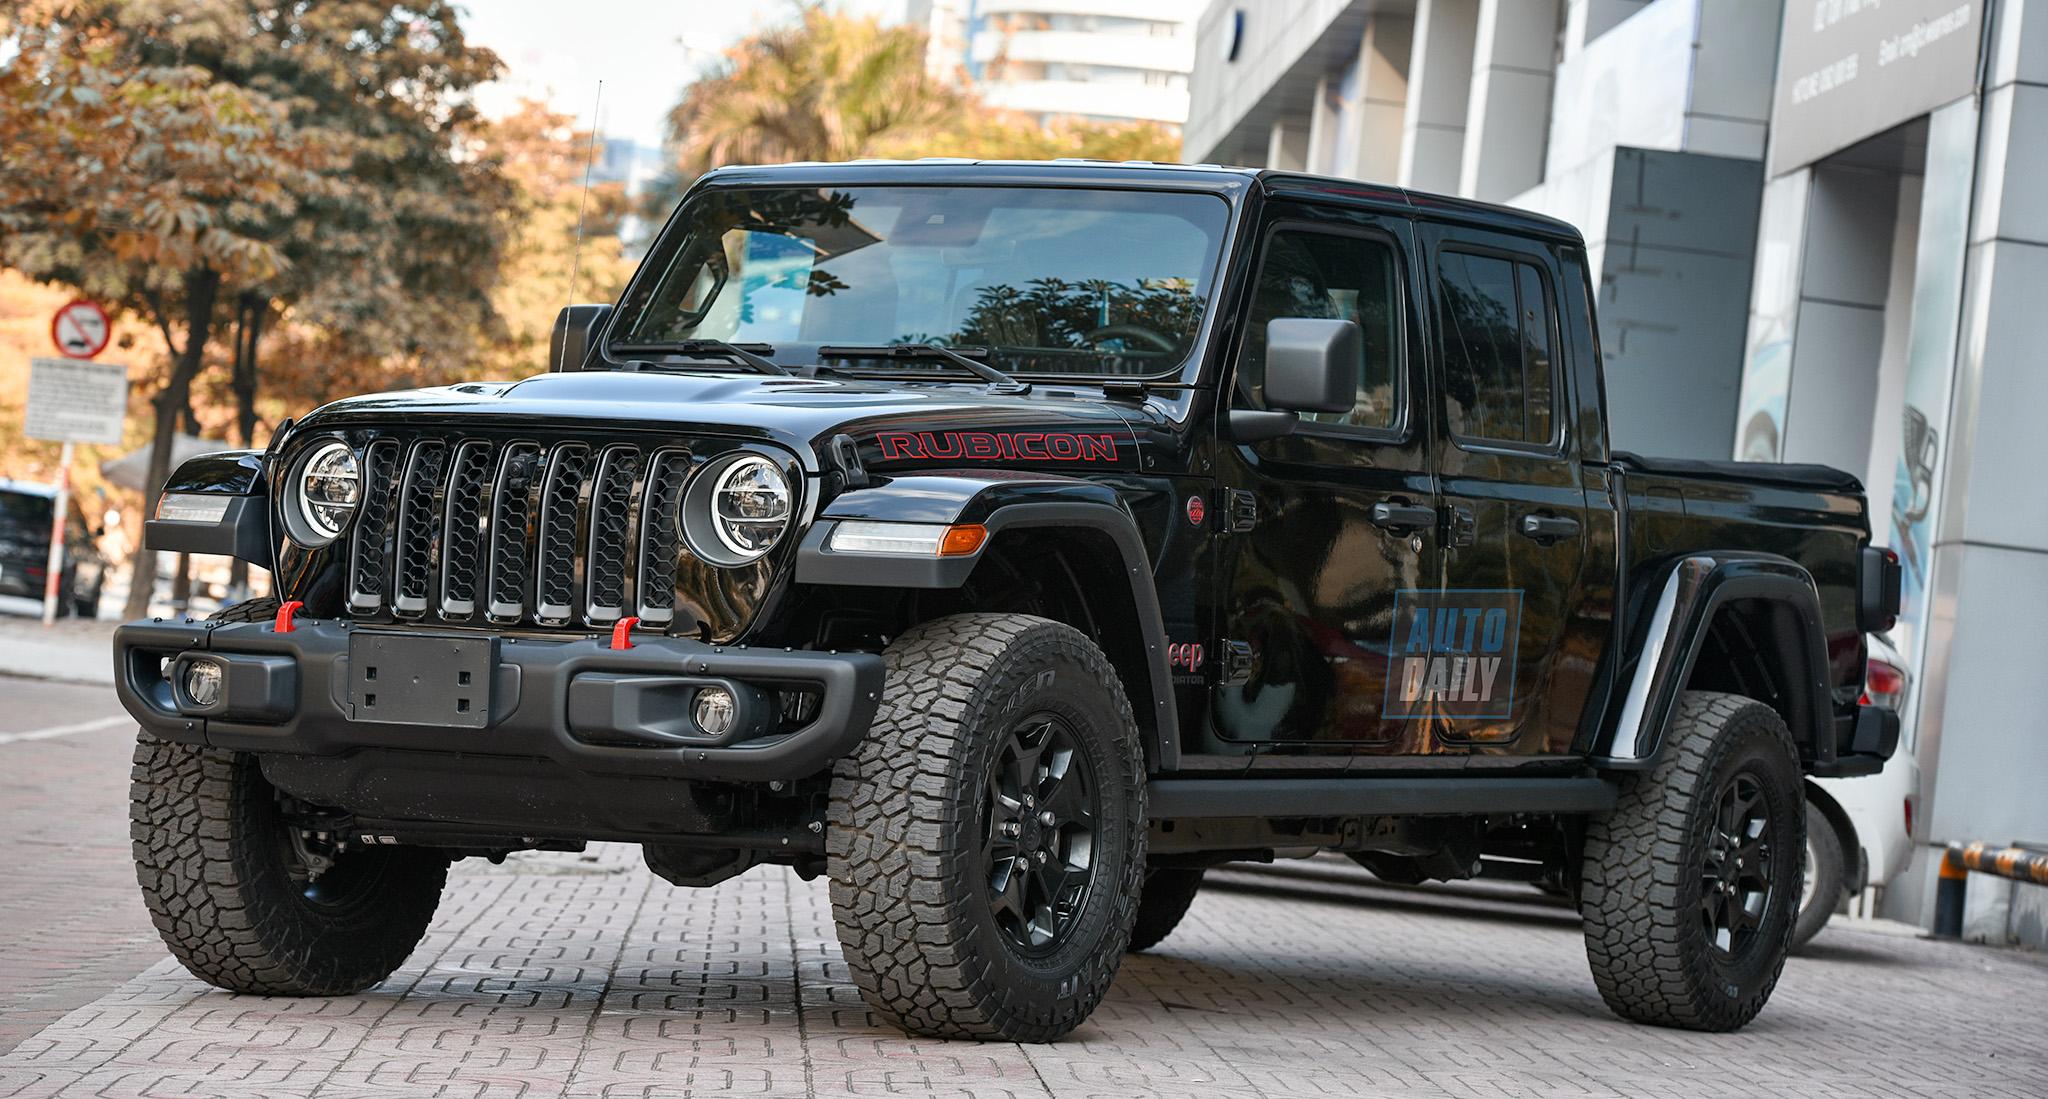 Jeep Gladiator Rubicon - Bán tải HÀNG HIẾM gần 4 tỷ - Đối thủ của Ford F150 Raptor